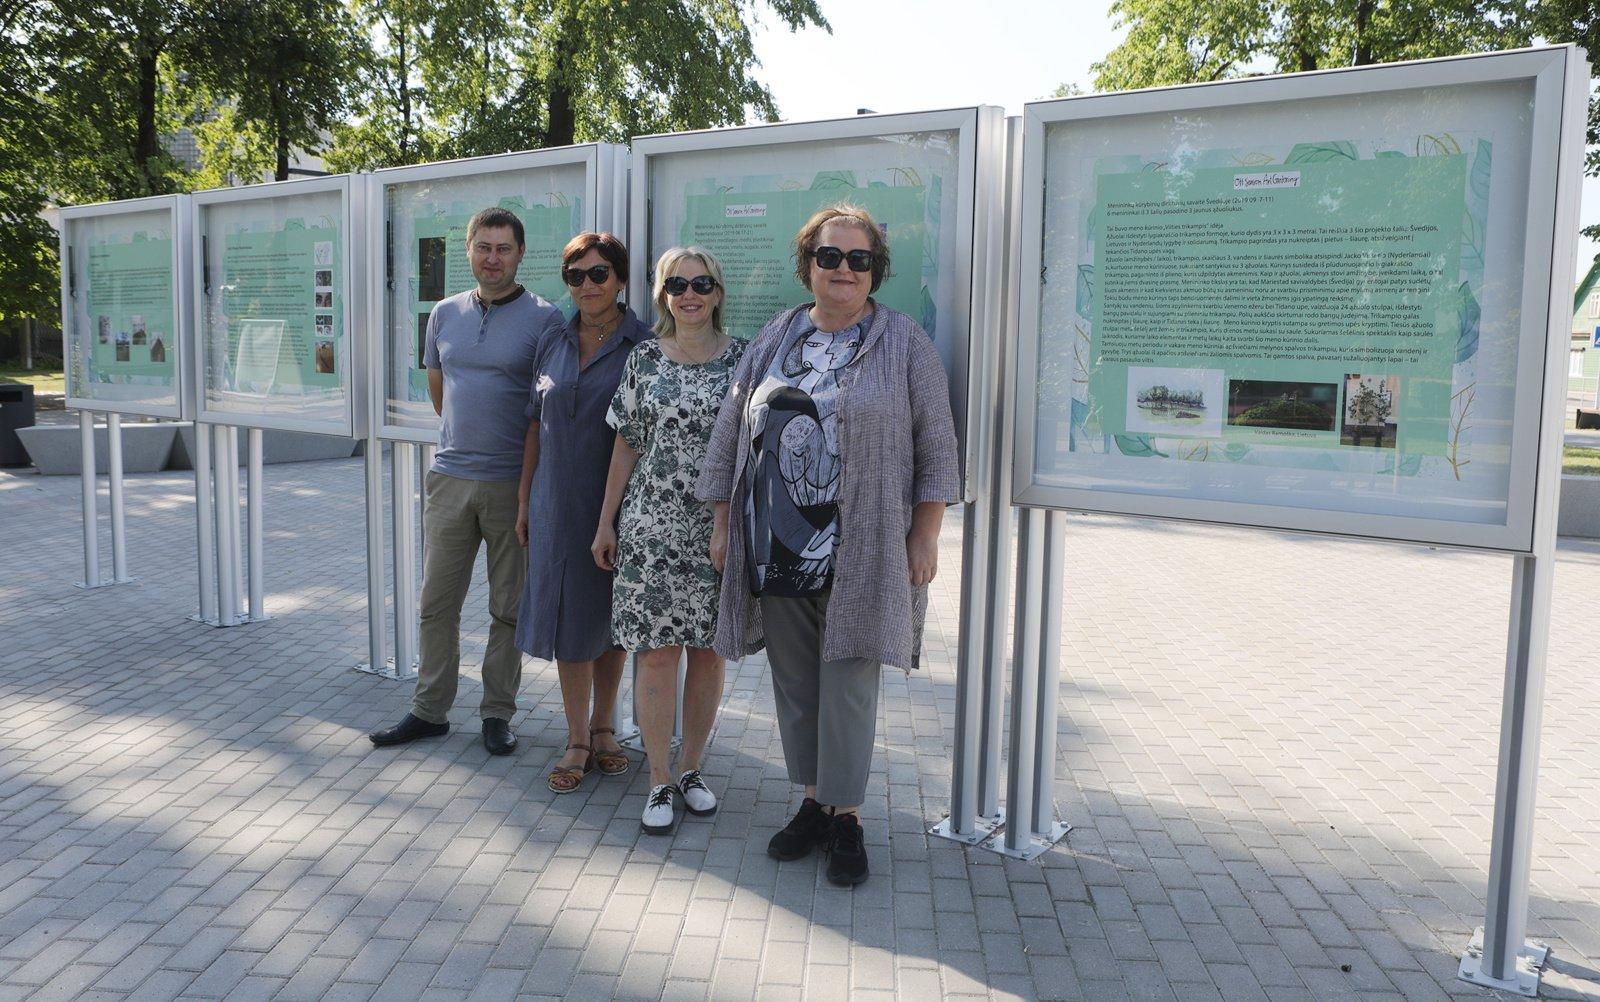 Klaipėdos gatvės skvere – tarptautinio projekto darbų paroda